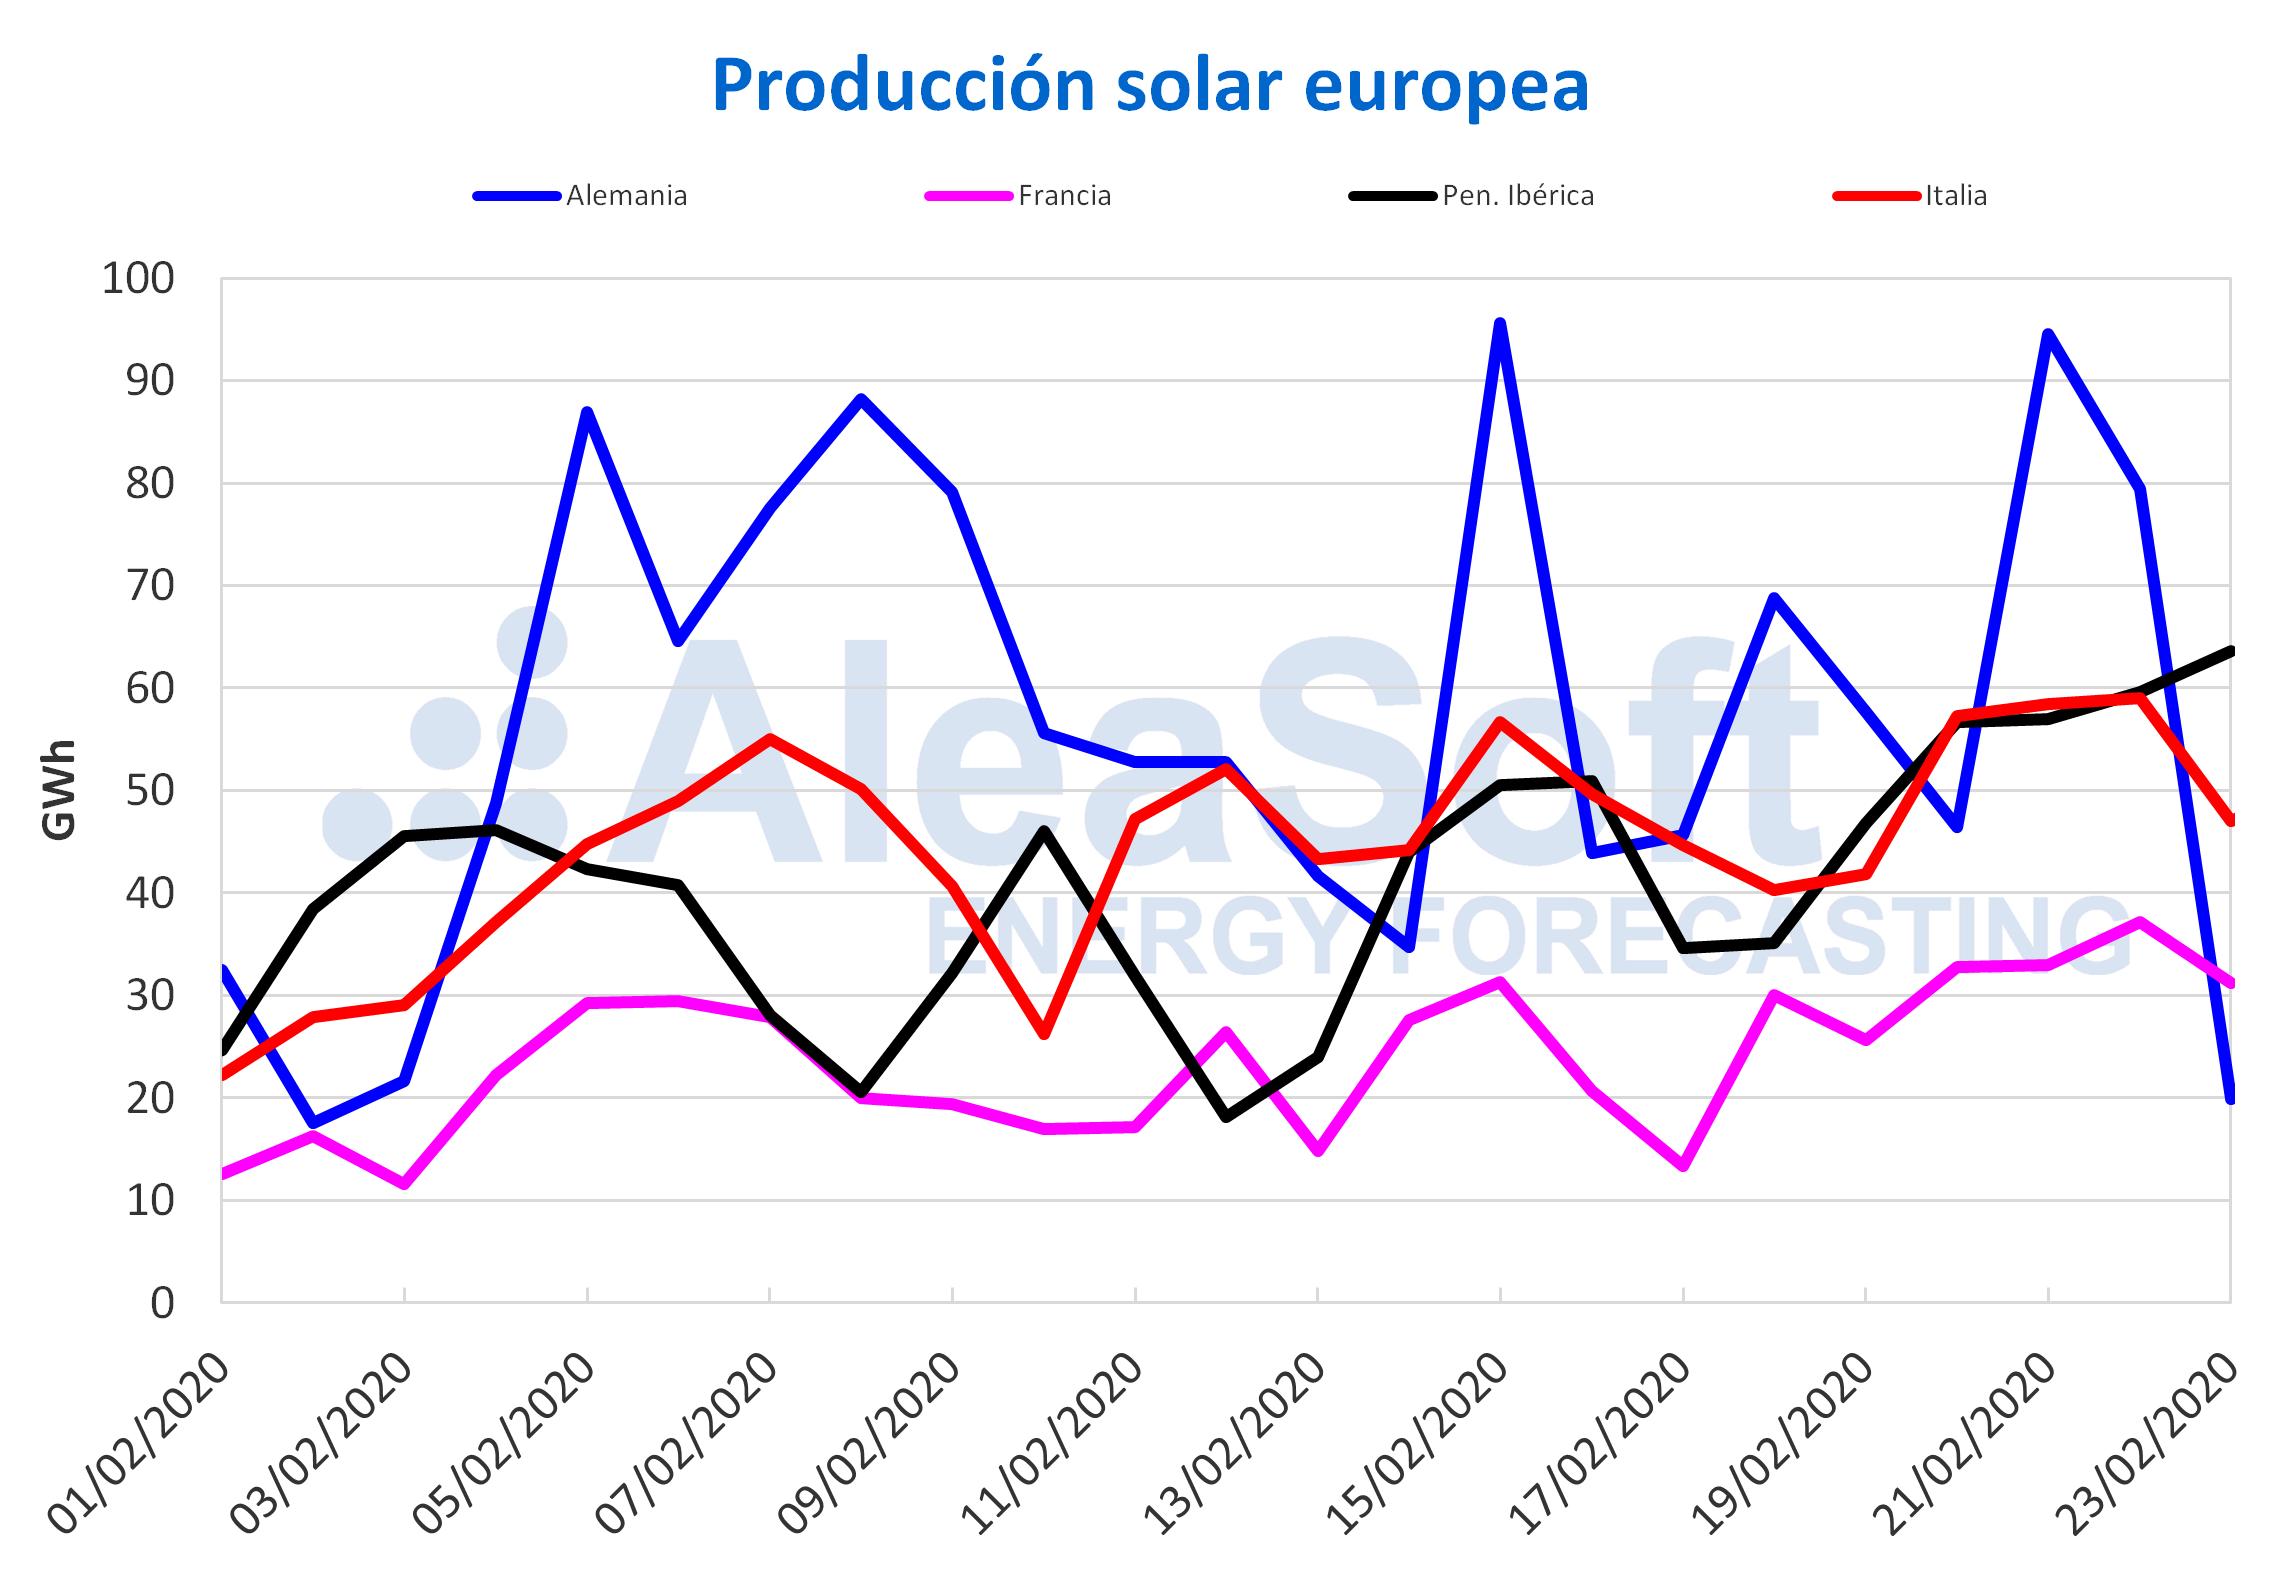 AleaSoft: La producción solar aumentó en todos los mercados europeos